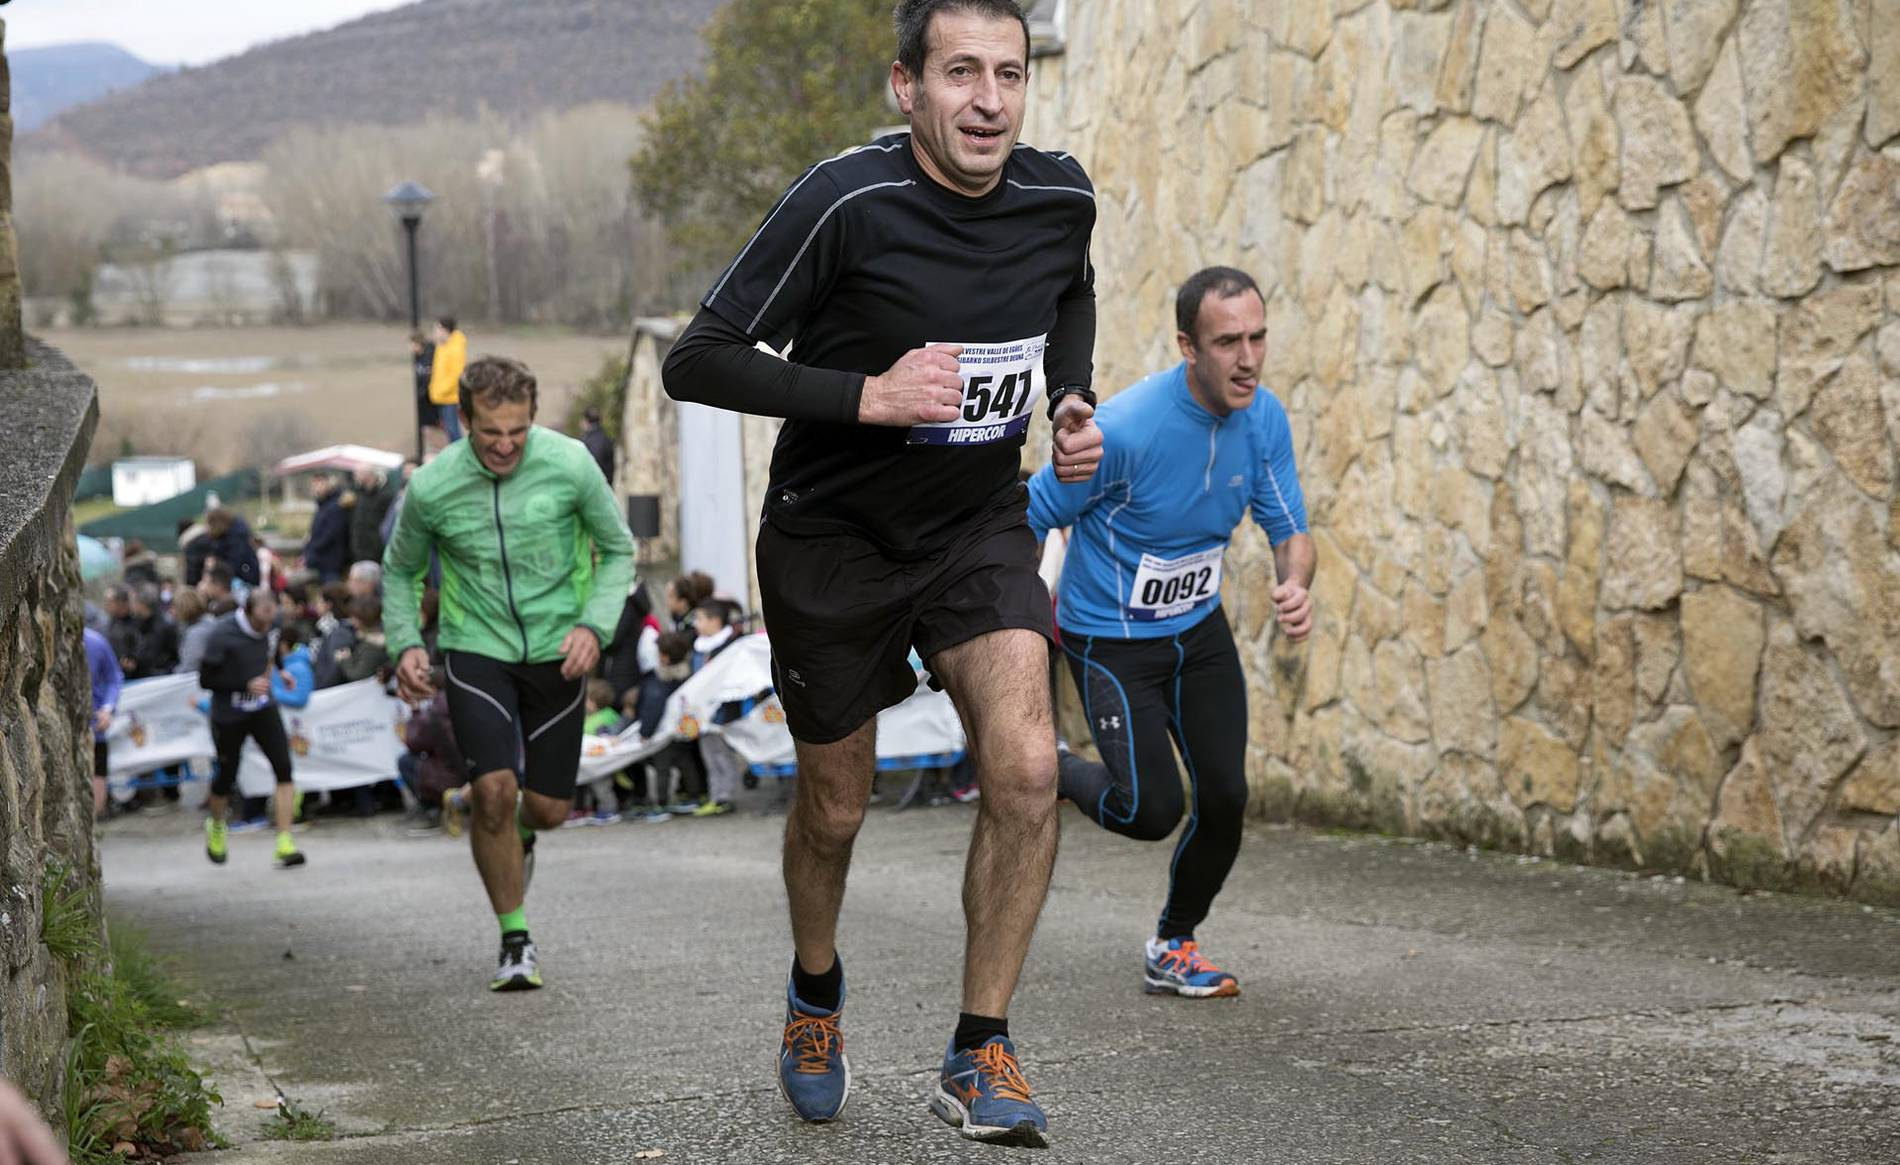 XVIII San Silvestre Valle de Egüés (1/118) - Mustapha Charki y Ana Casares se han impuesto en la carrera disputada en Olaz. - Carreras populares DNRunning -